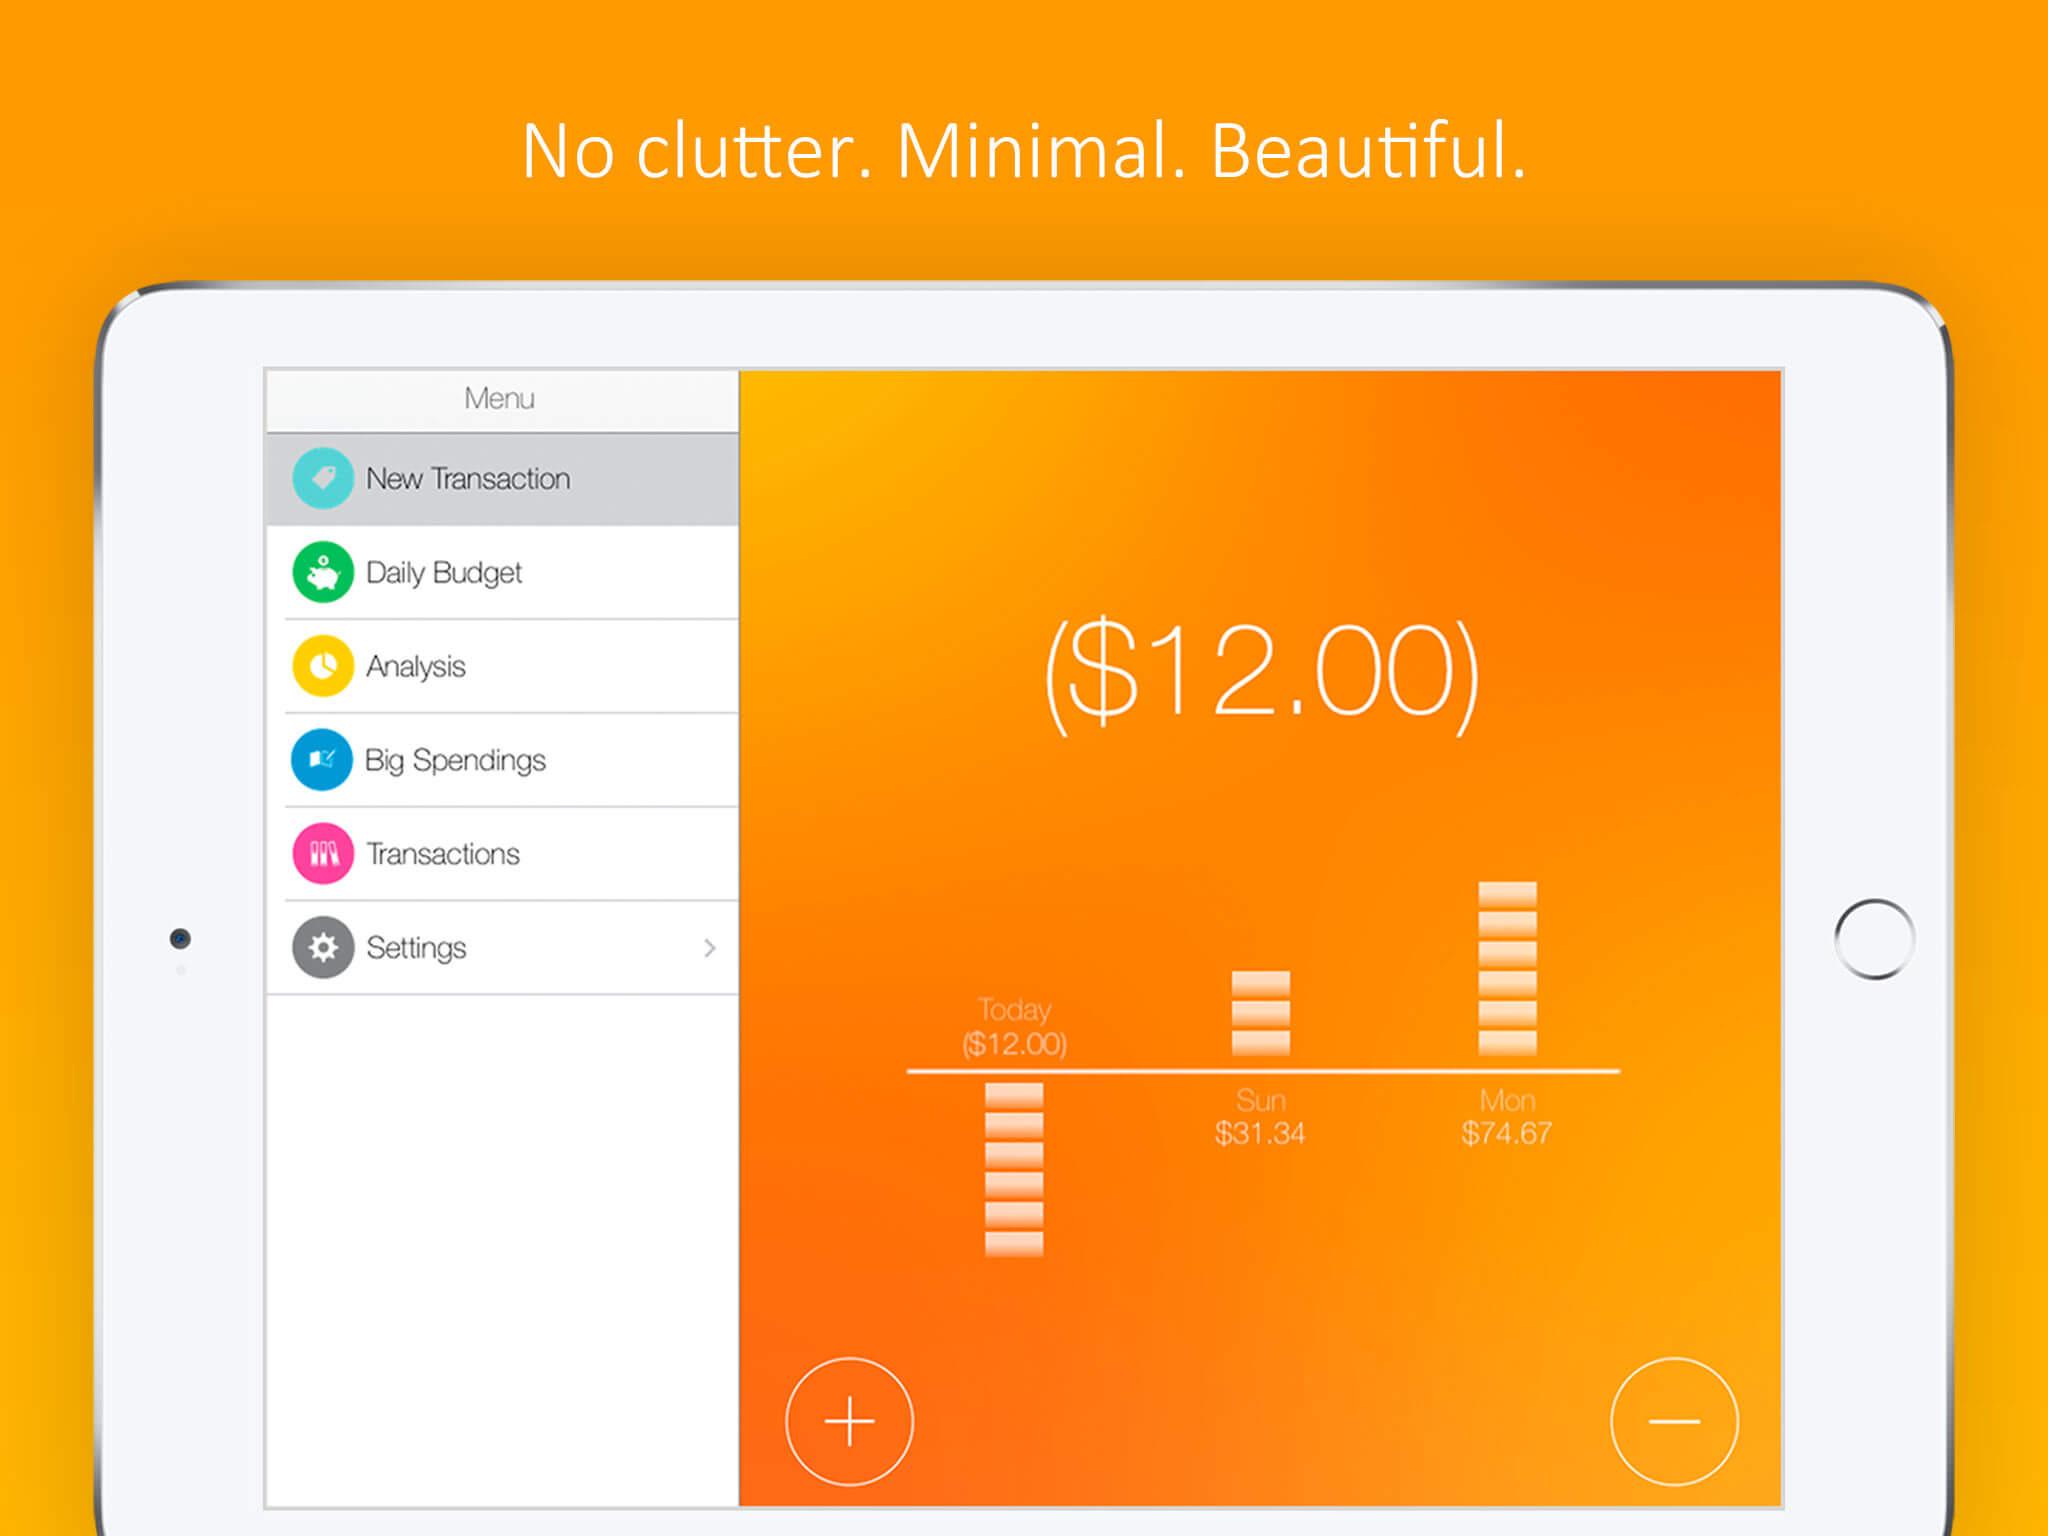 бухгалтерия на ios, как экономить деньги в семье, программа для учета личных финансов, семейного бюджета, iphone